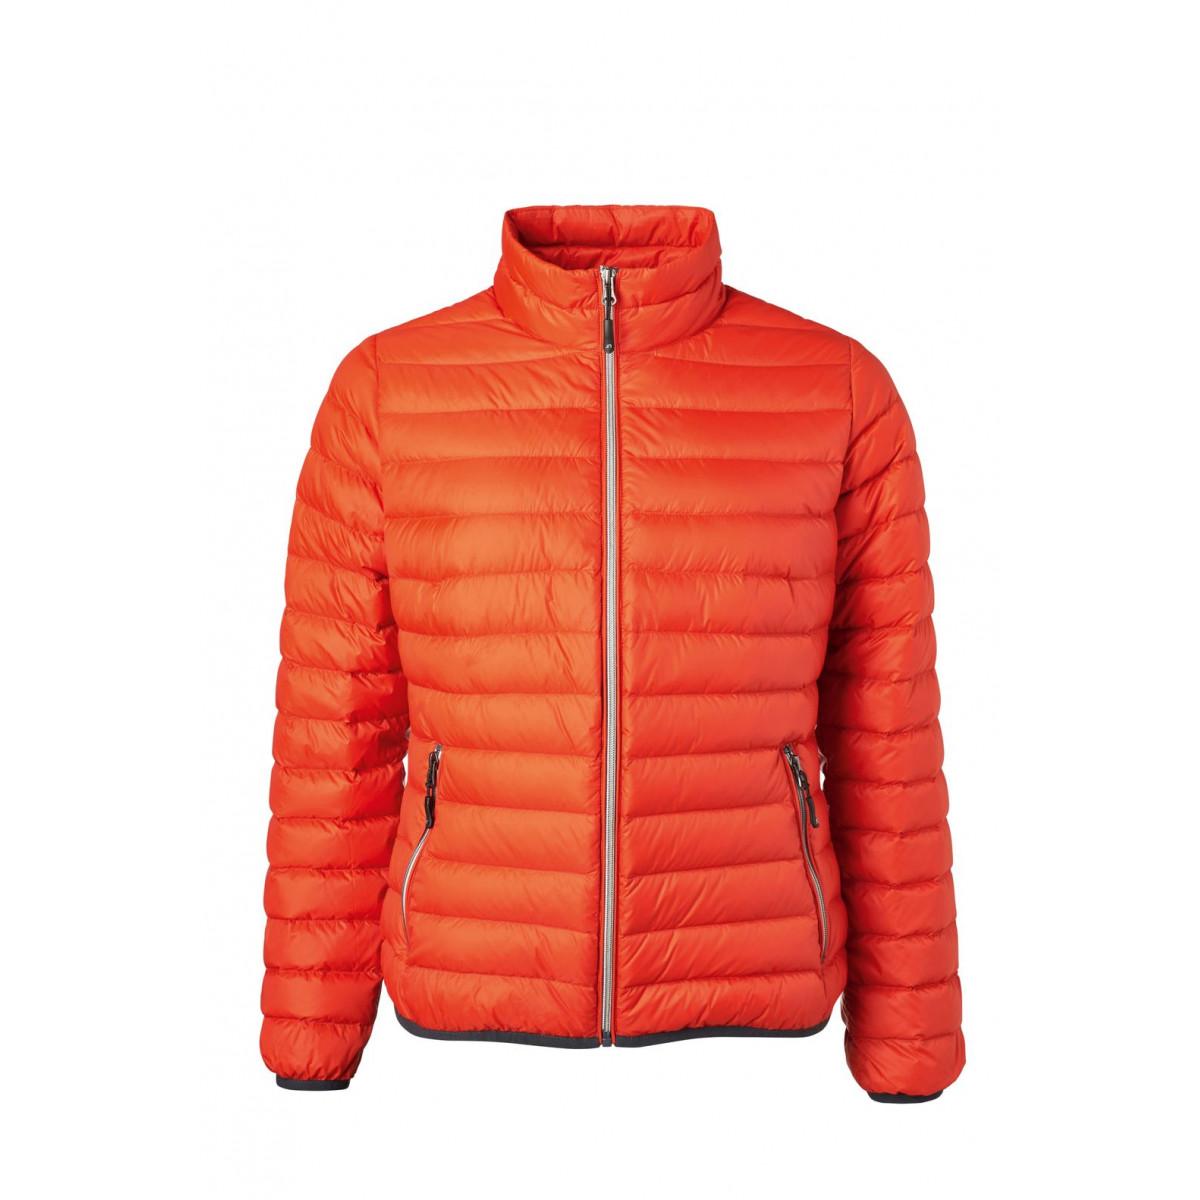 Куртка женская JN1139 Ladies Down Jacket - Оранжевый/Серебряный